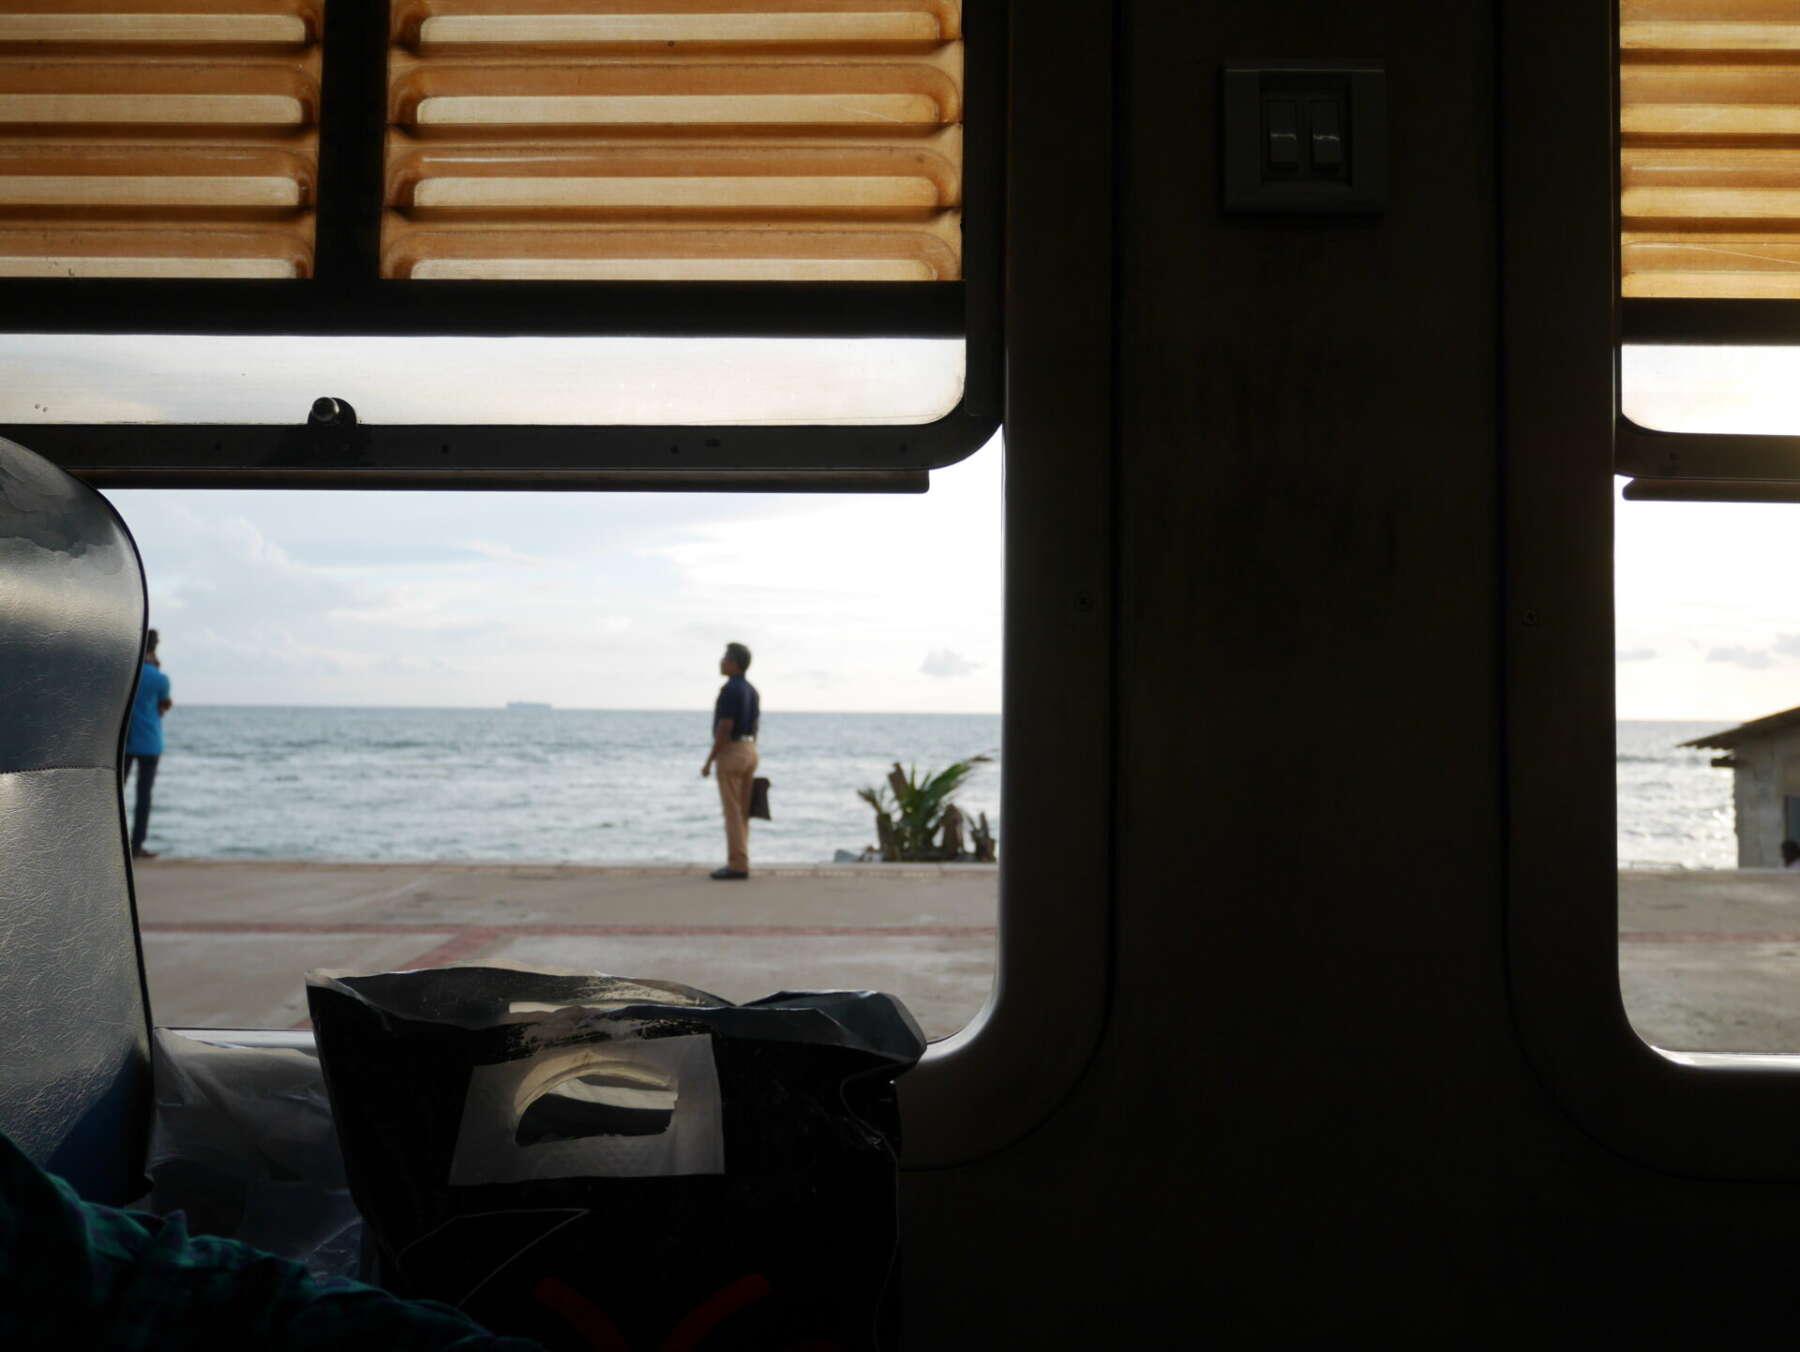 นั่งรถไฟในโคลัมโบ